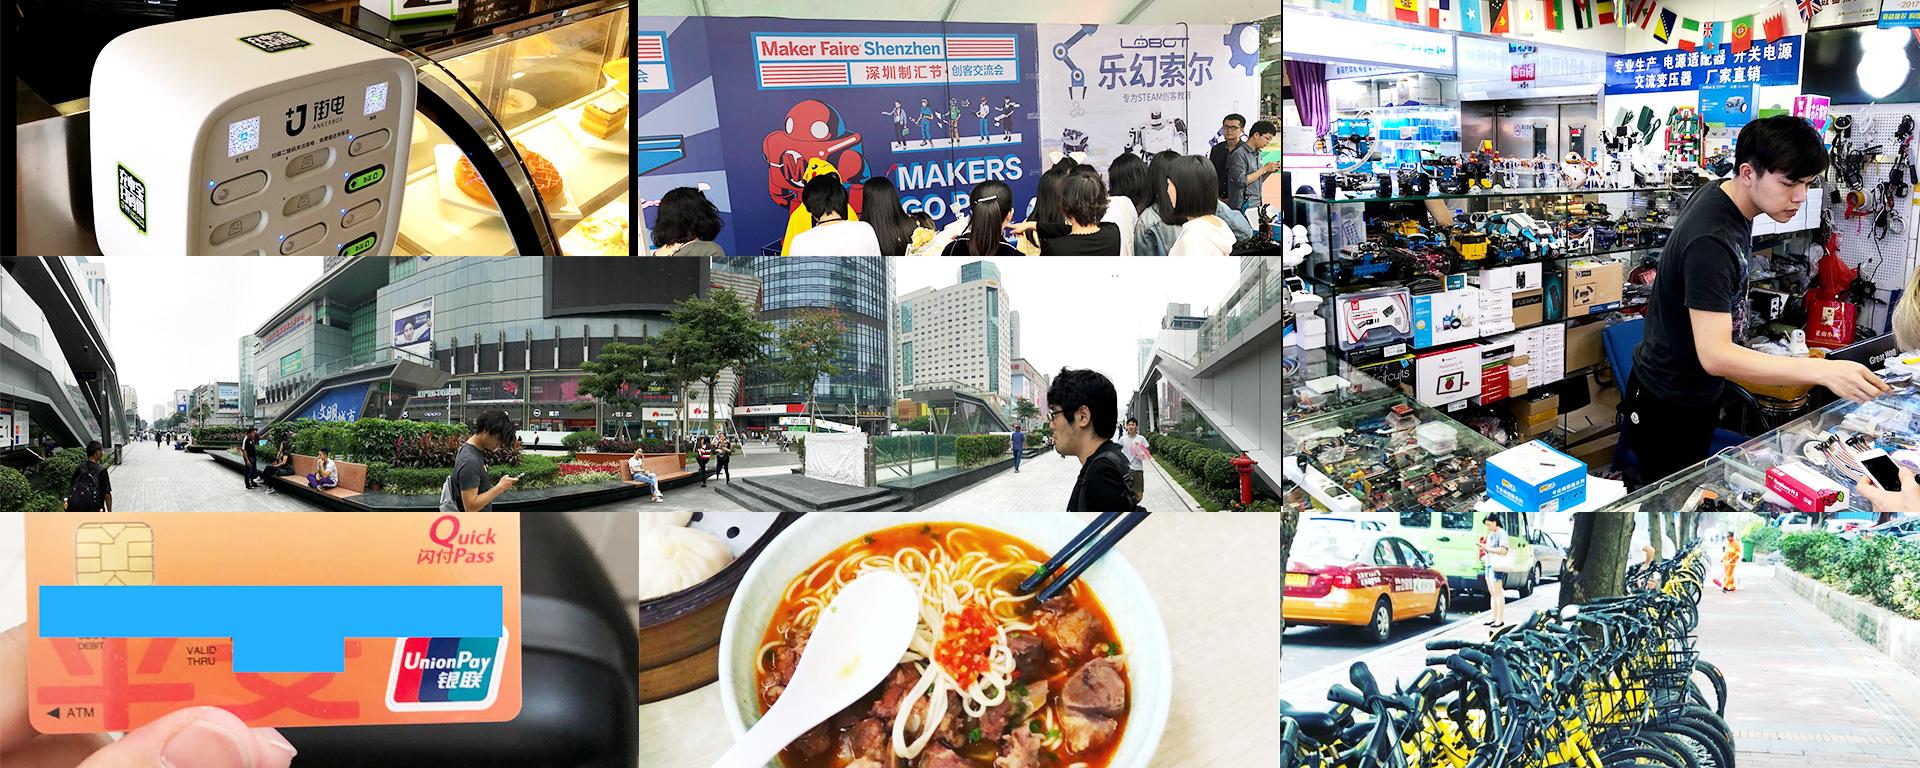 【羽田・成田空港からわずか5時間】Android / iOS エンジニアのワイが深圳の魅力を語り尽くす